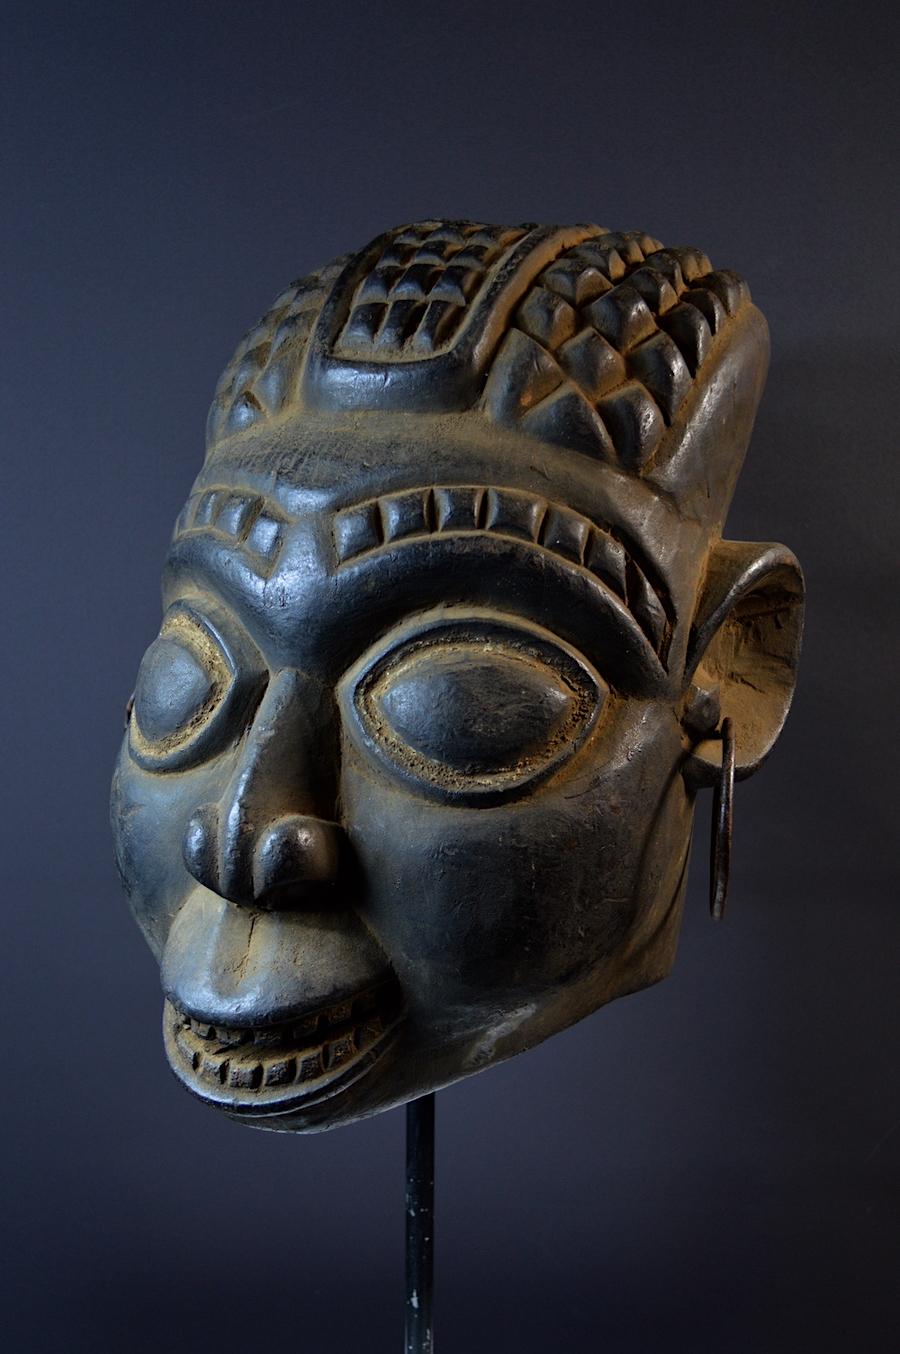 Bamileke Nafoyn society mask